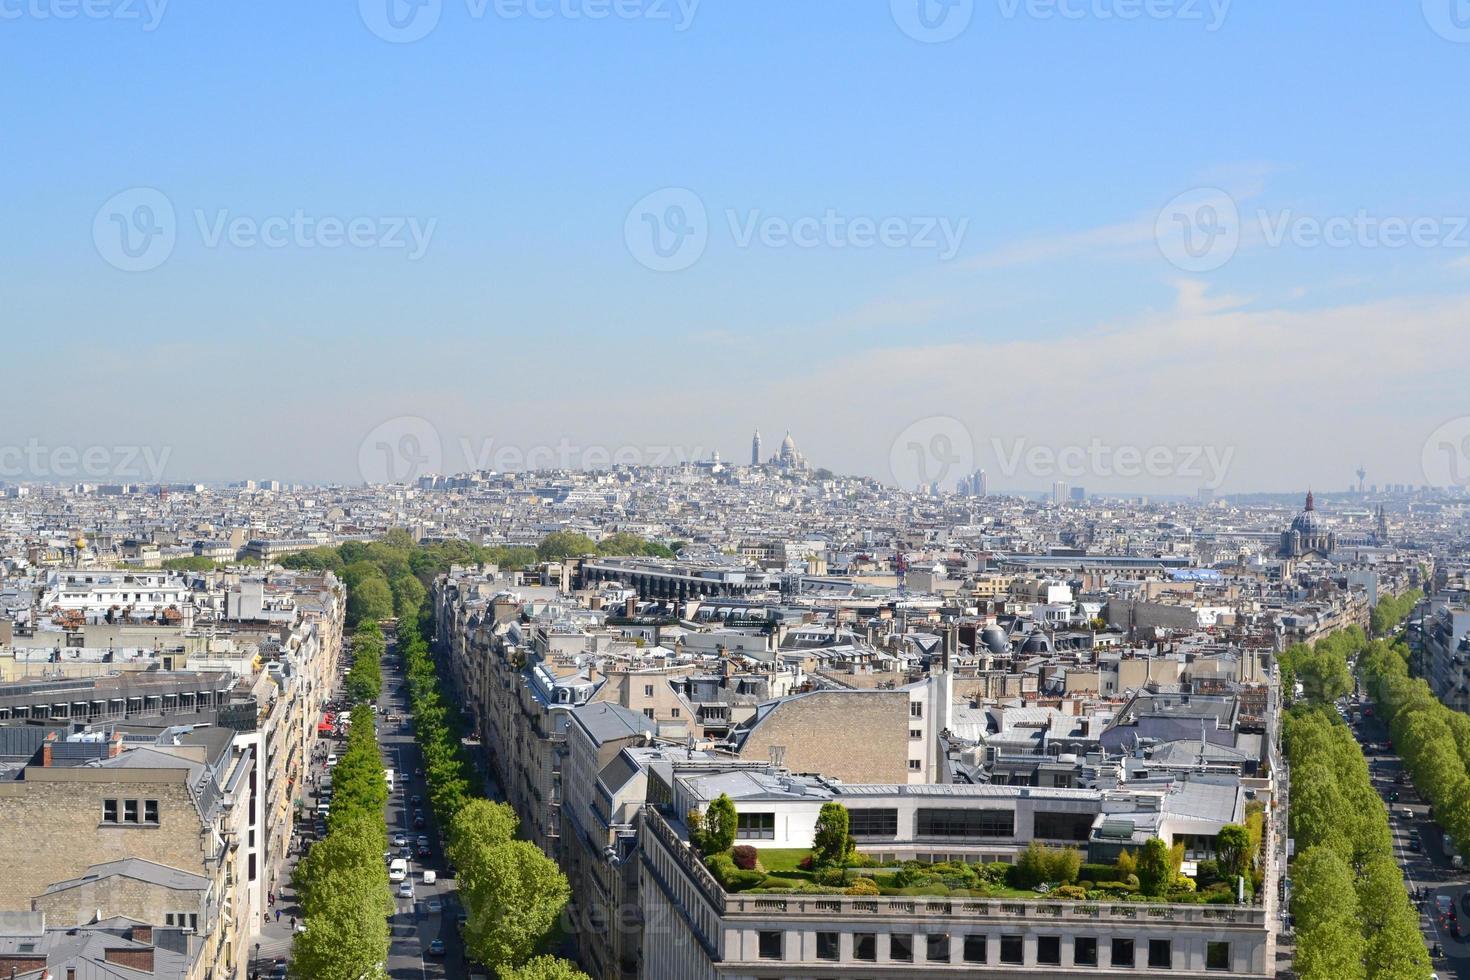 sacre-coeur e tetti di Parigi foto